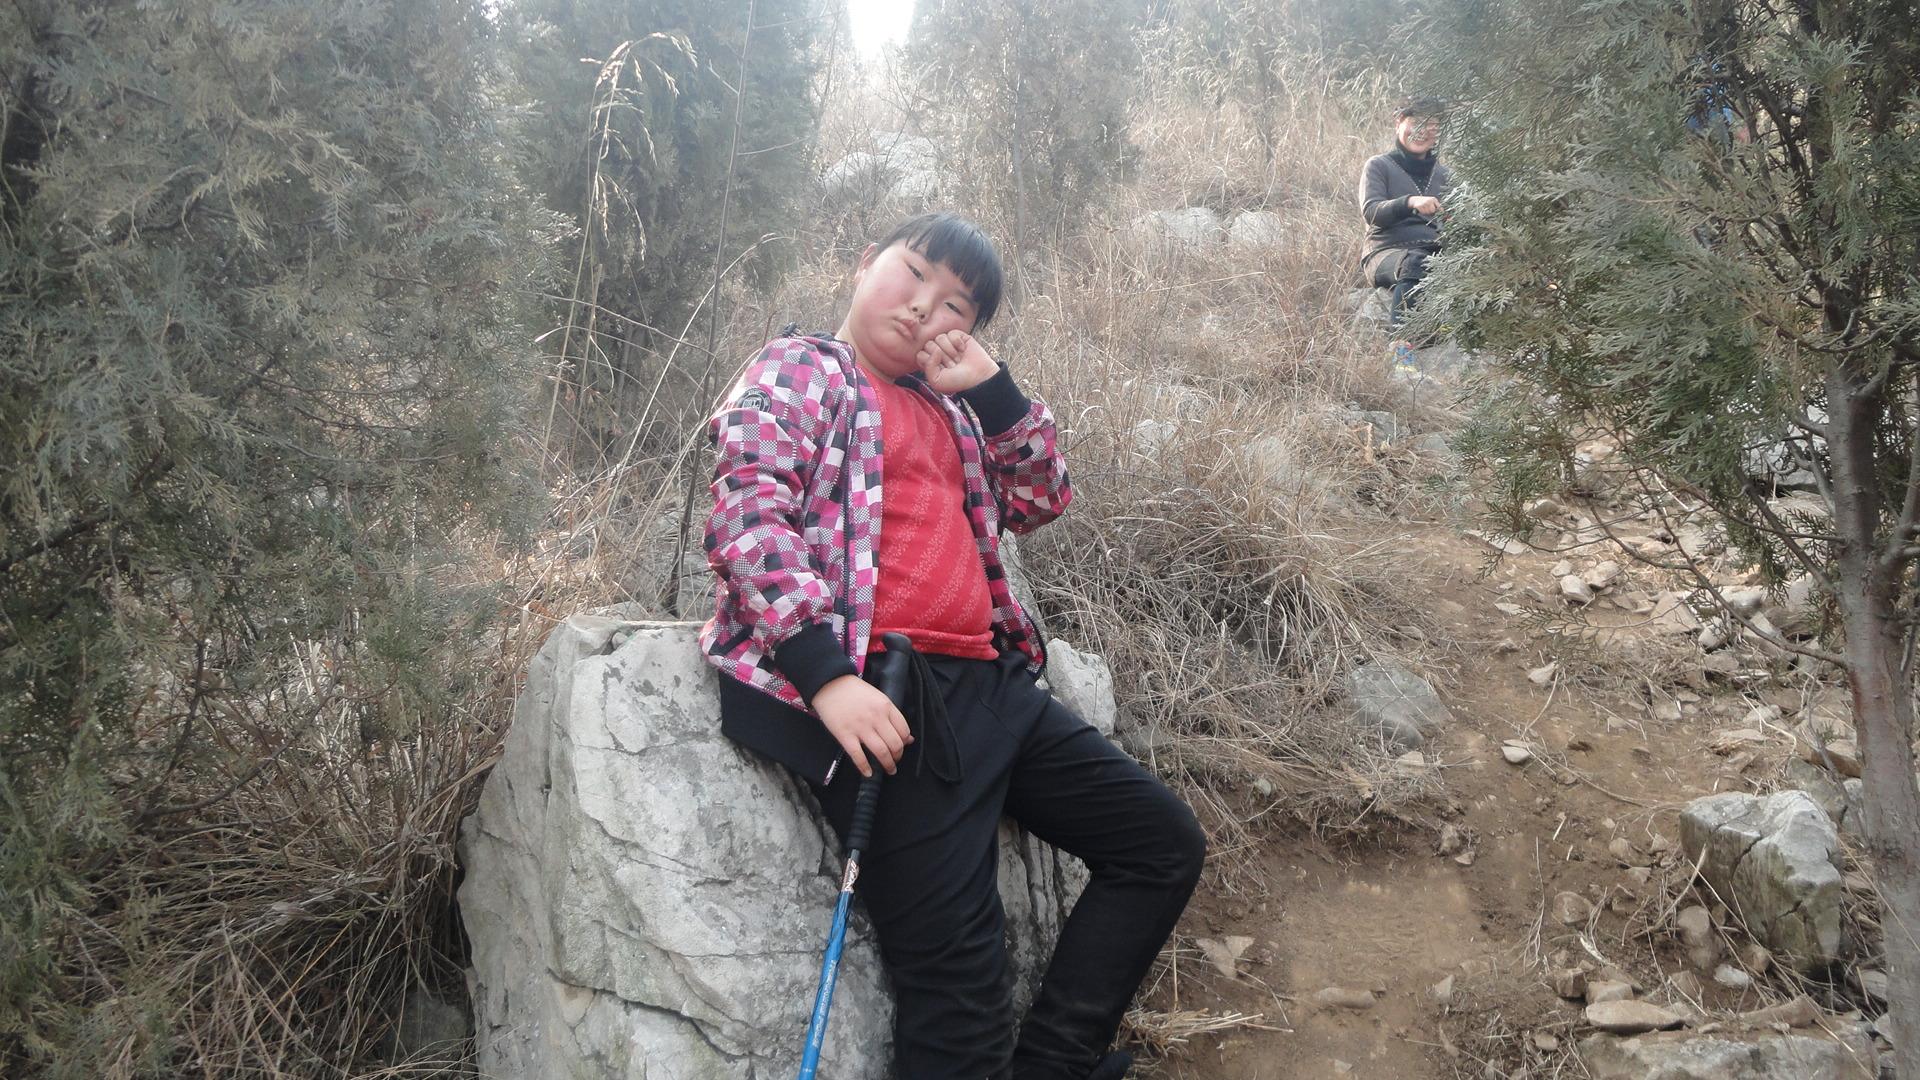 july   小姑娘真可爱   详情回复  发表于 2015-2-16 11:47 襄平大兵